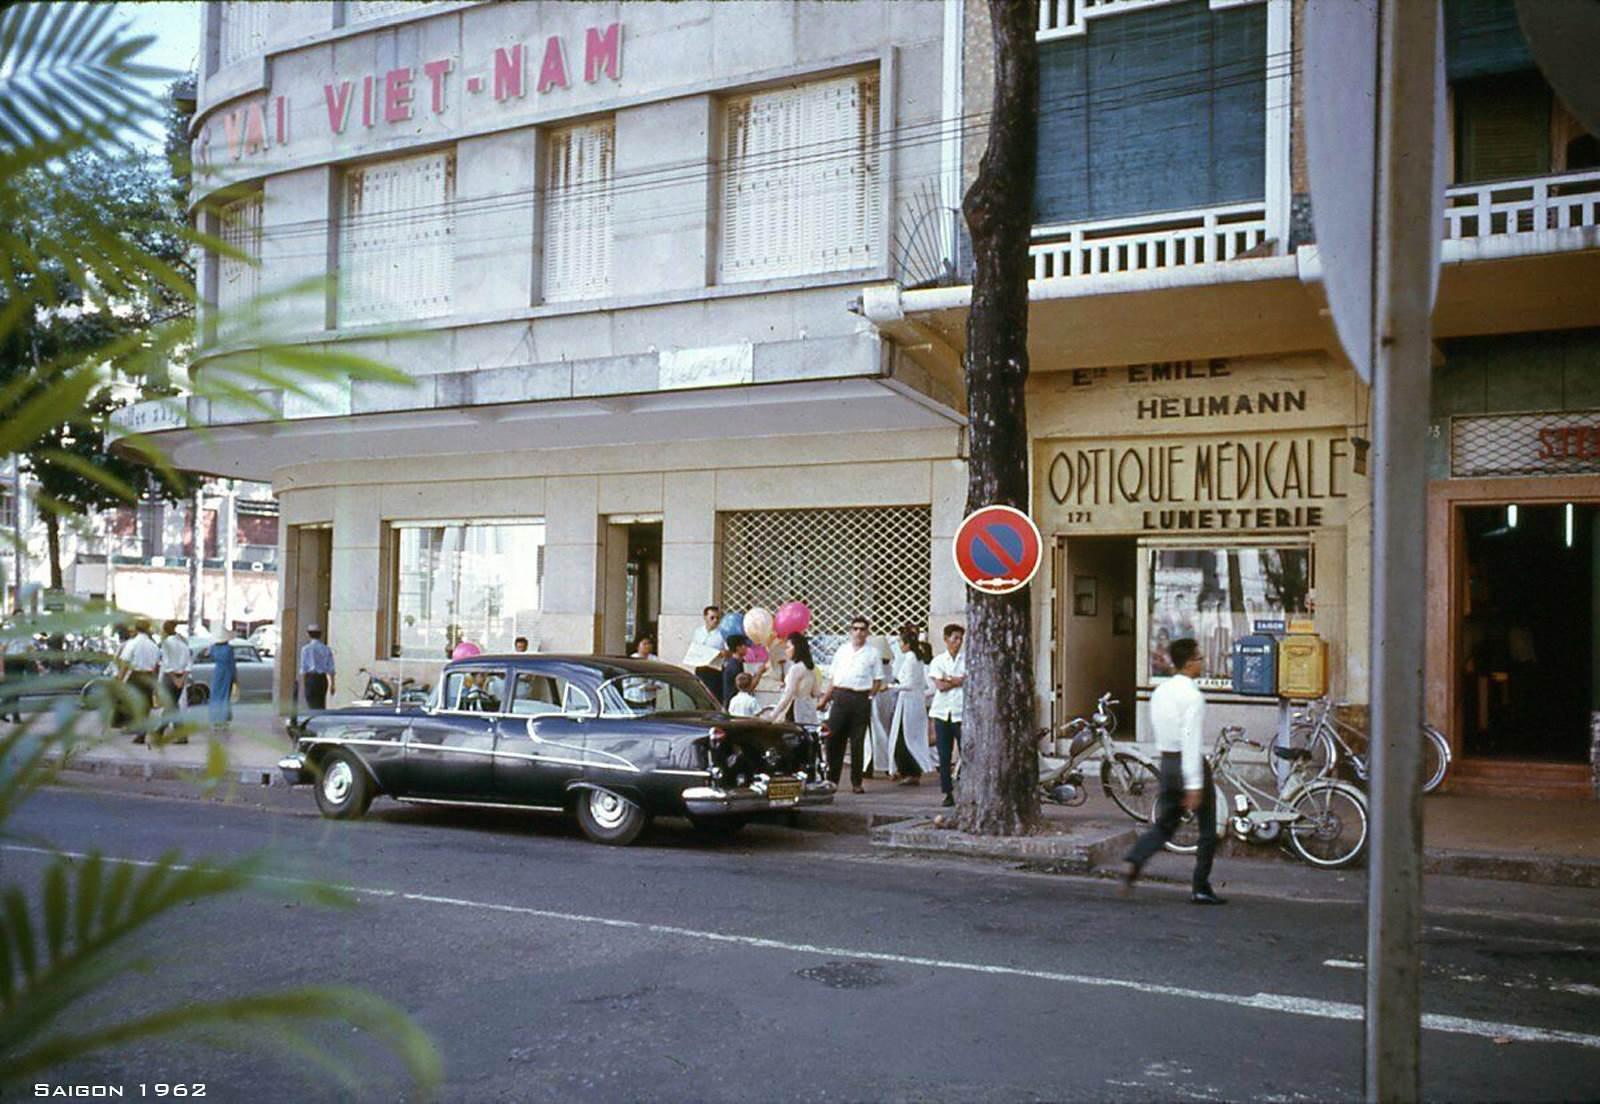 Chiếc siêu xe đang đậu trên đường Tự Do - Nay là đường Đồng Khởi